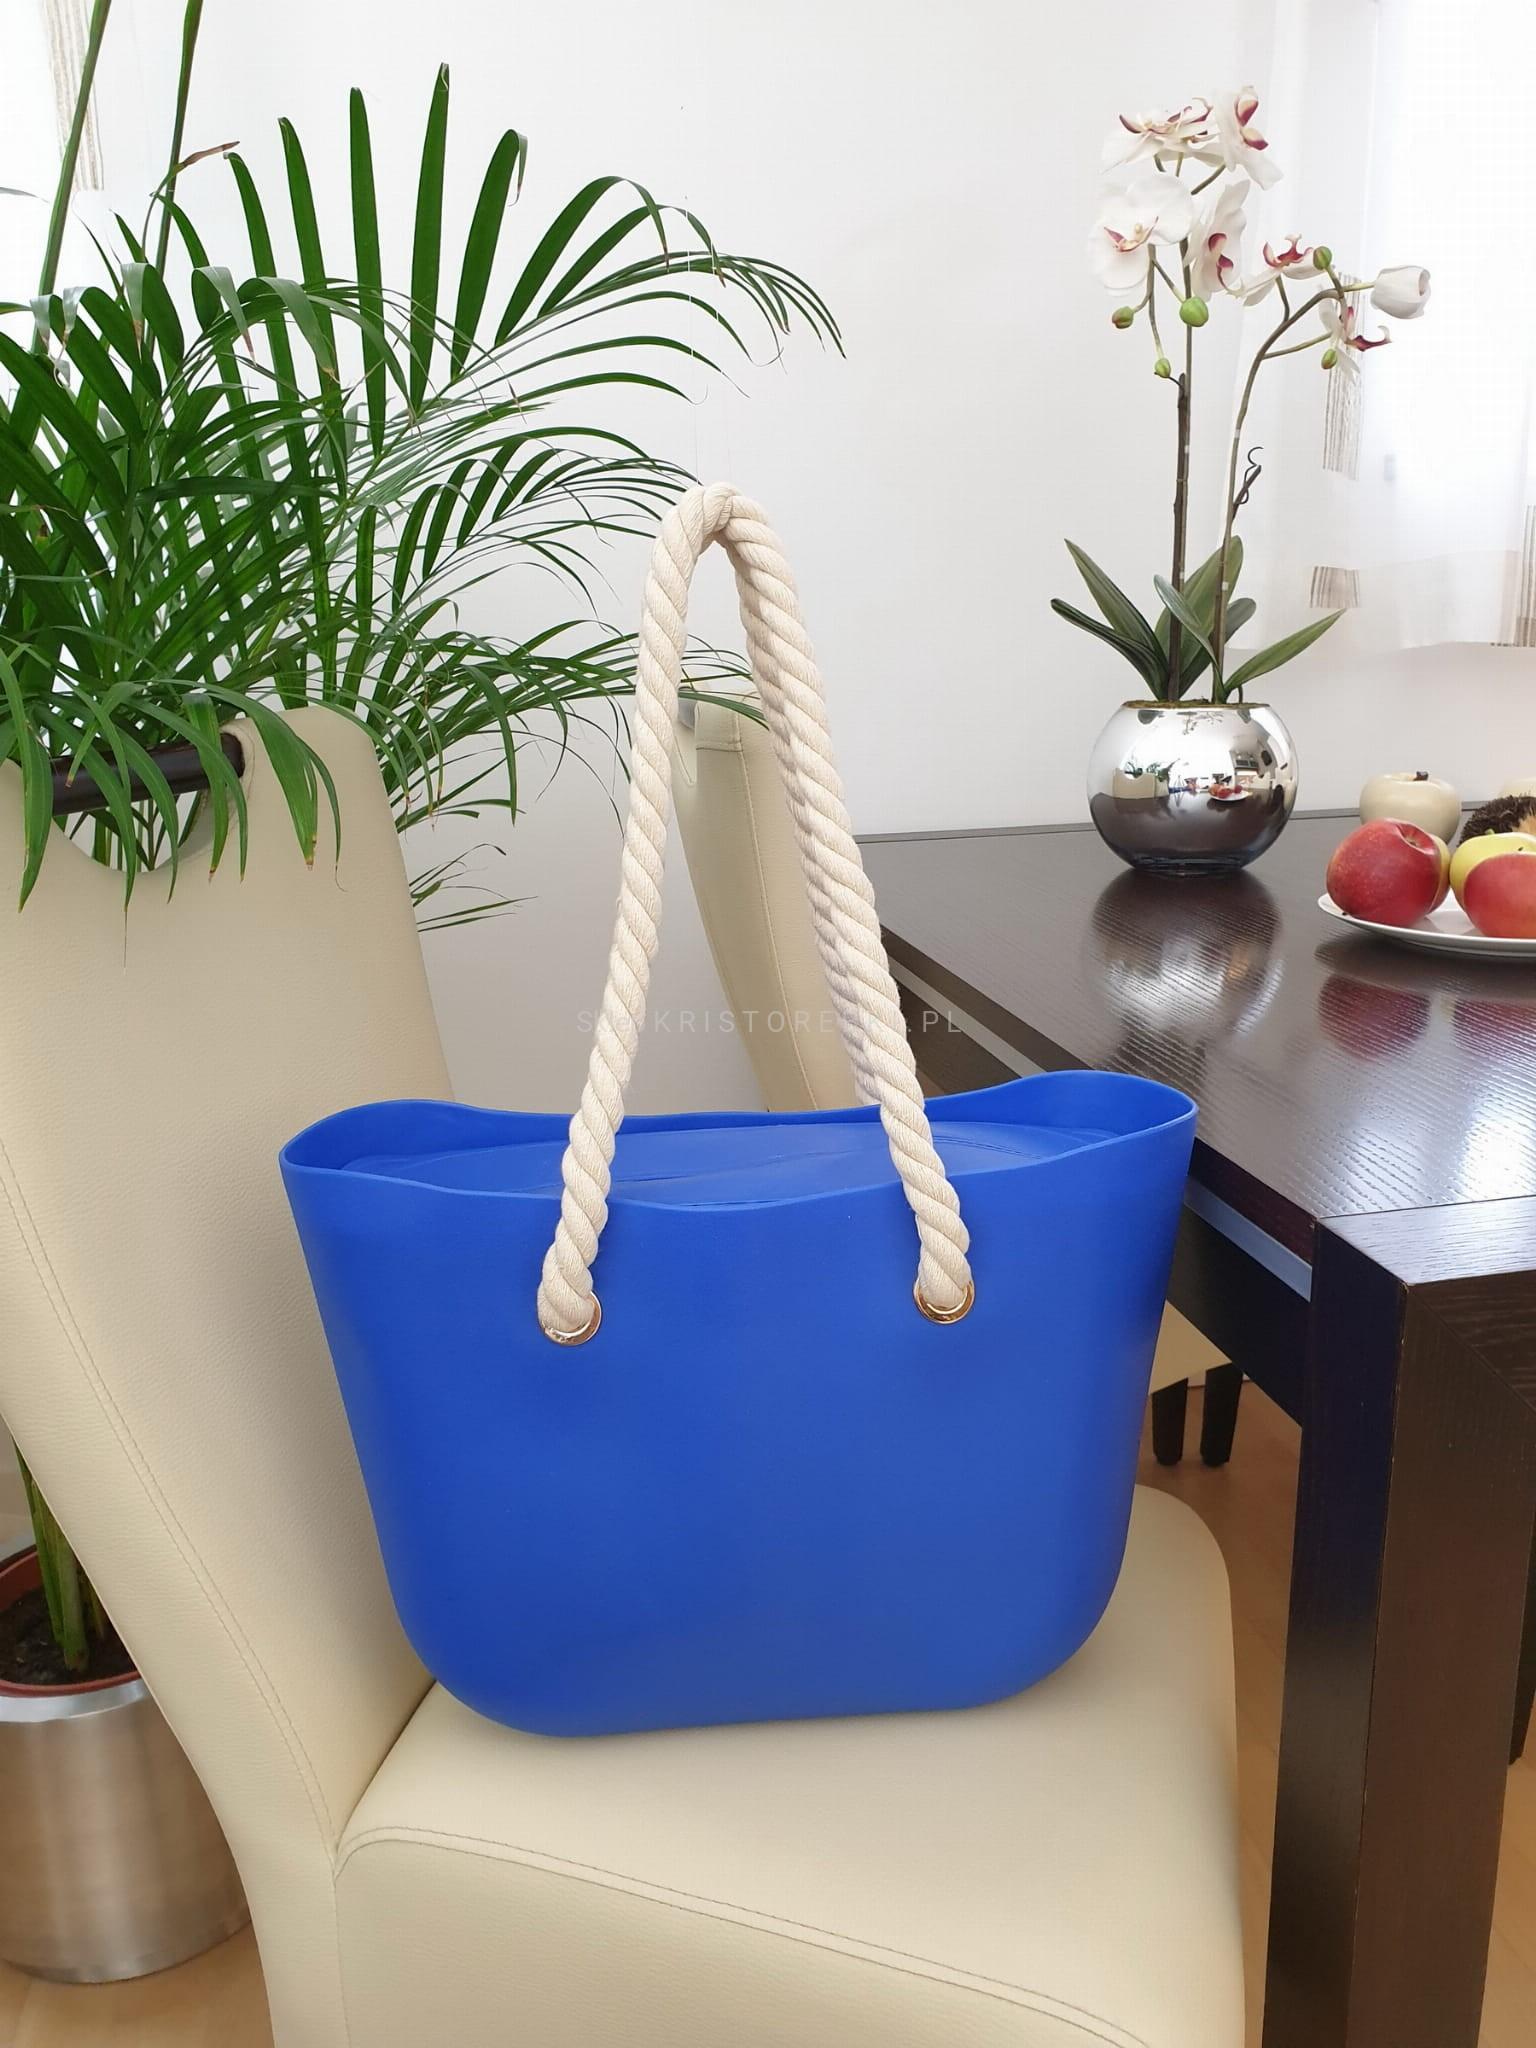 JORDAN torebka damska gumowa jelly bag plecione rączki V002 czerwona